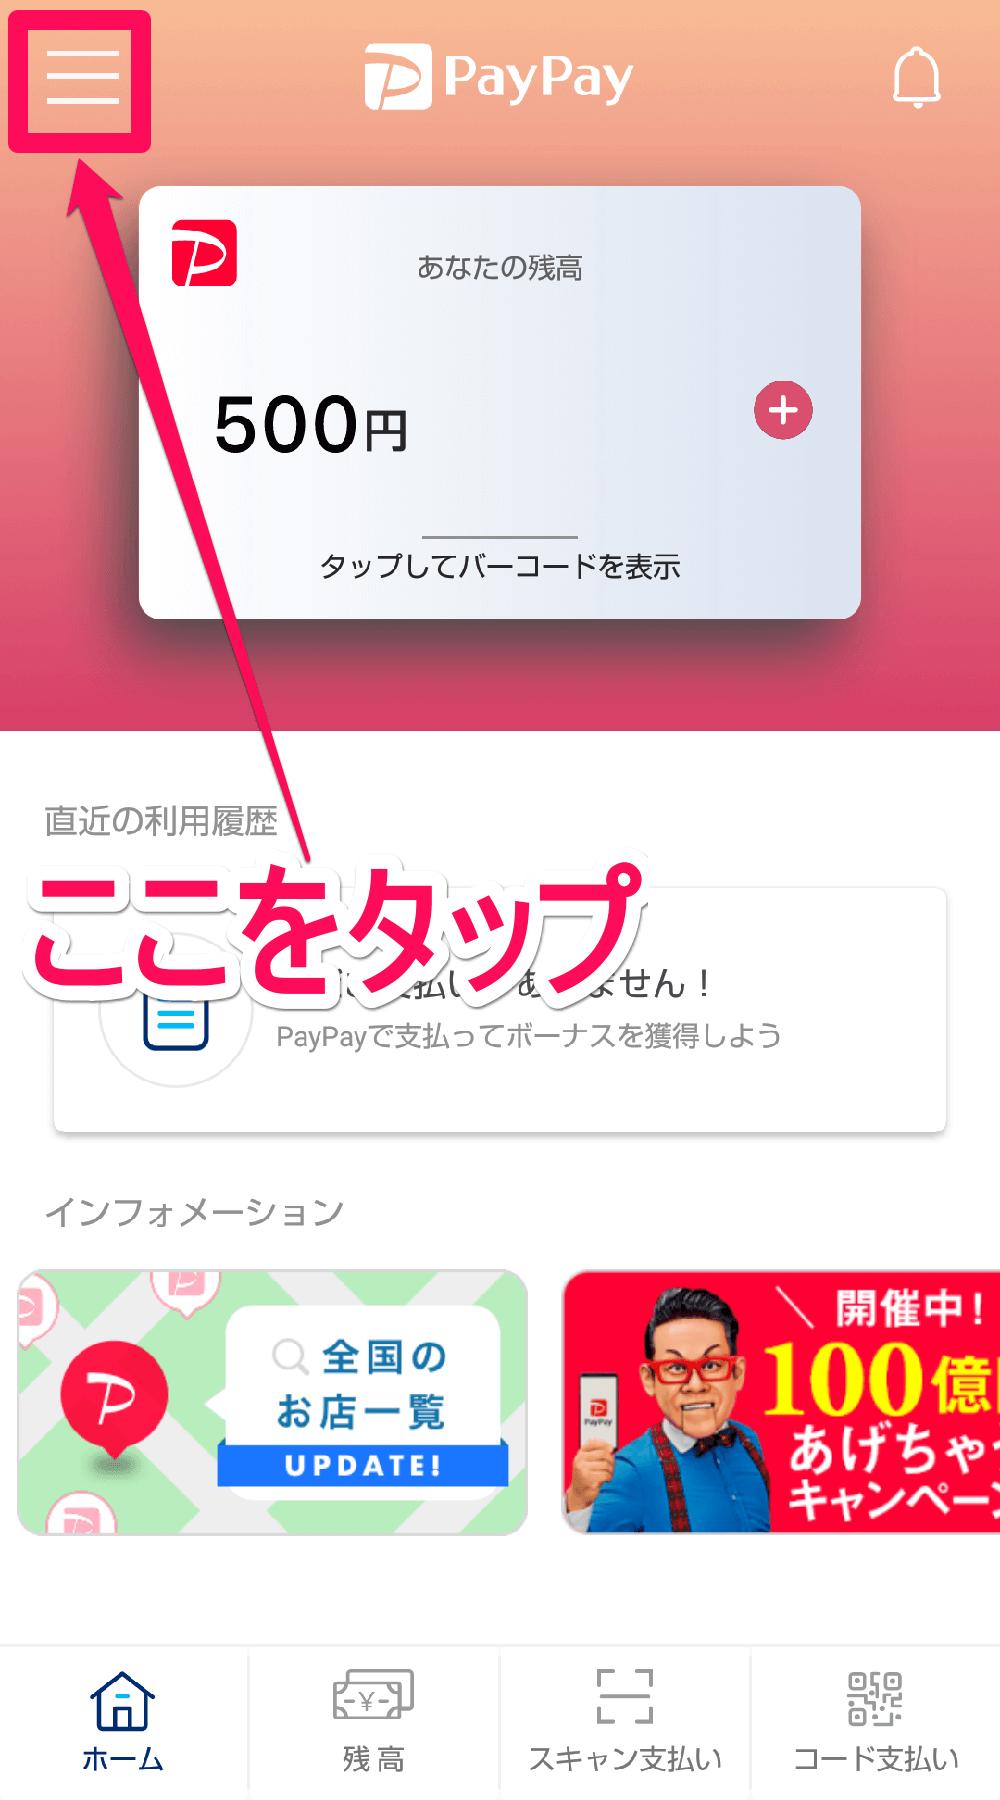 PayPayアプリ(ペイペイアプリ)のトップページ(ホームページ)画面